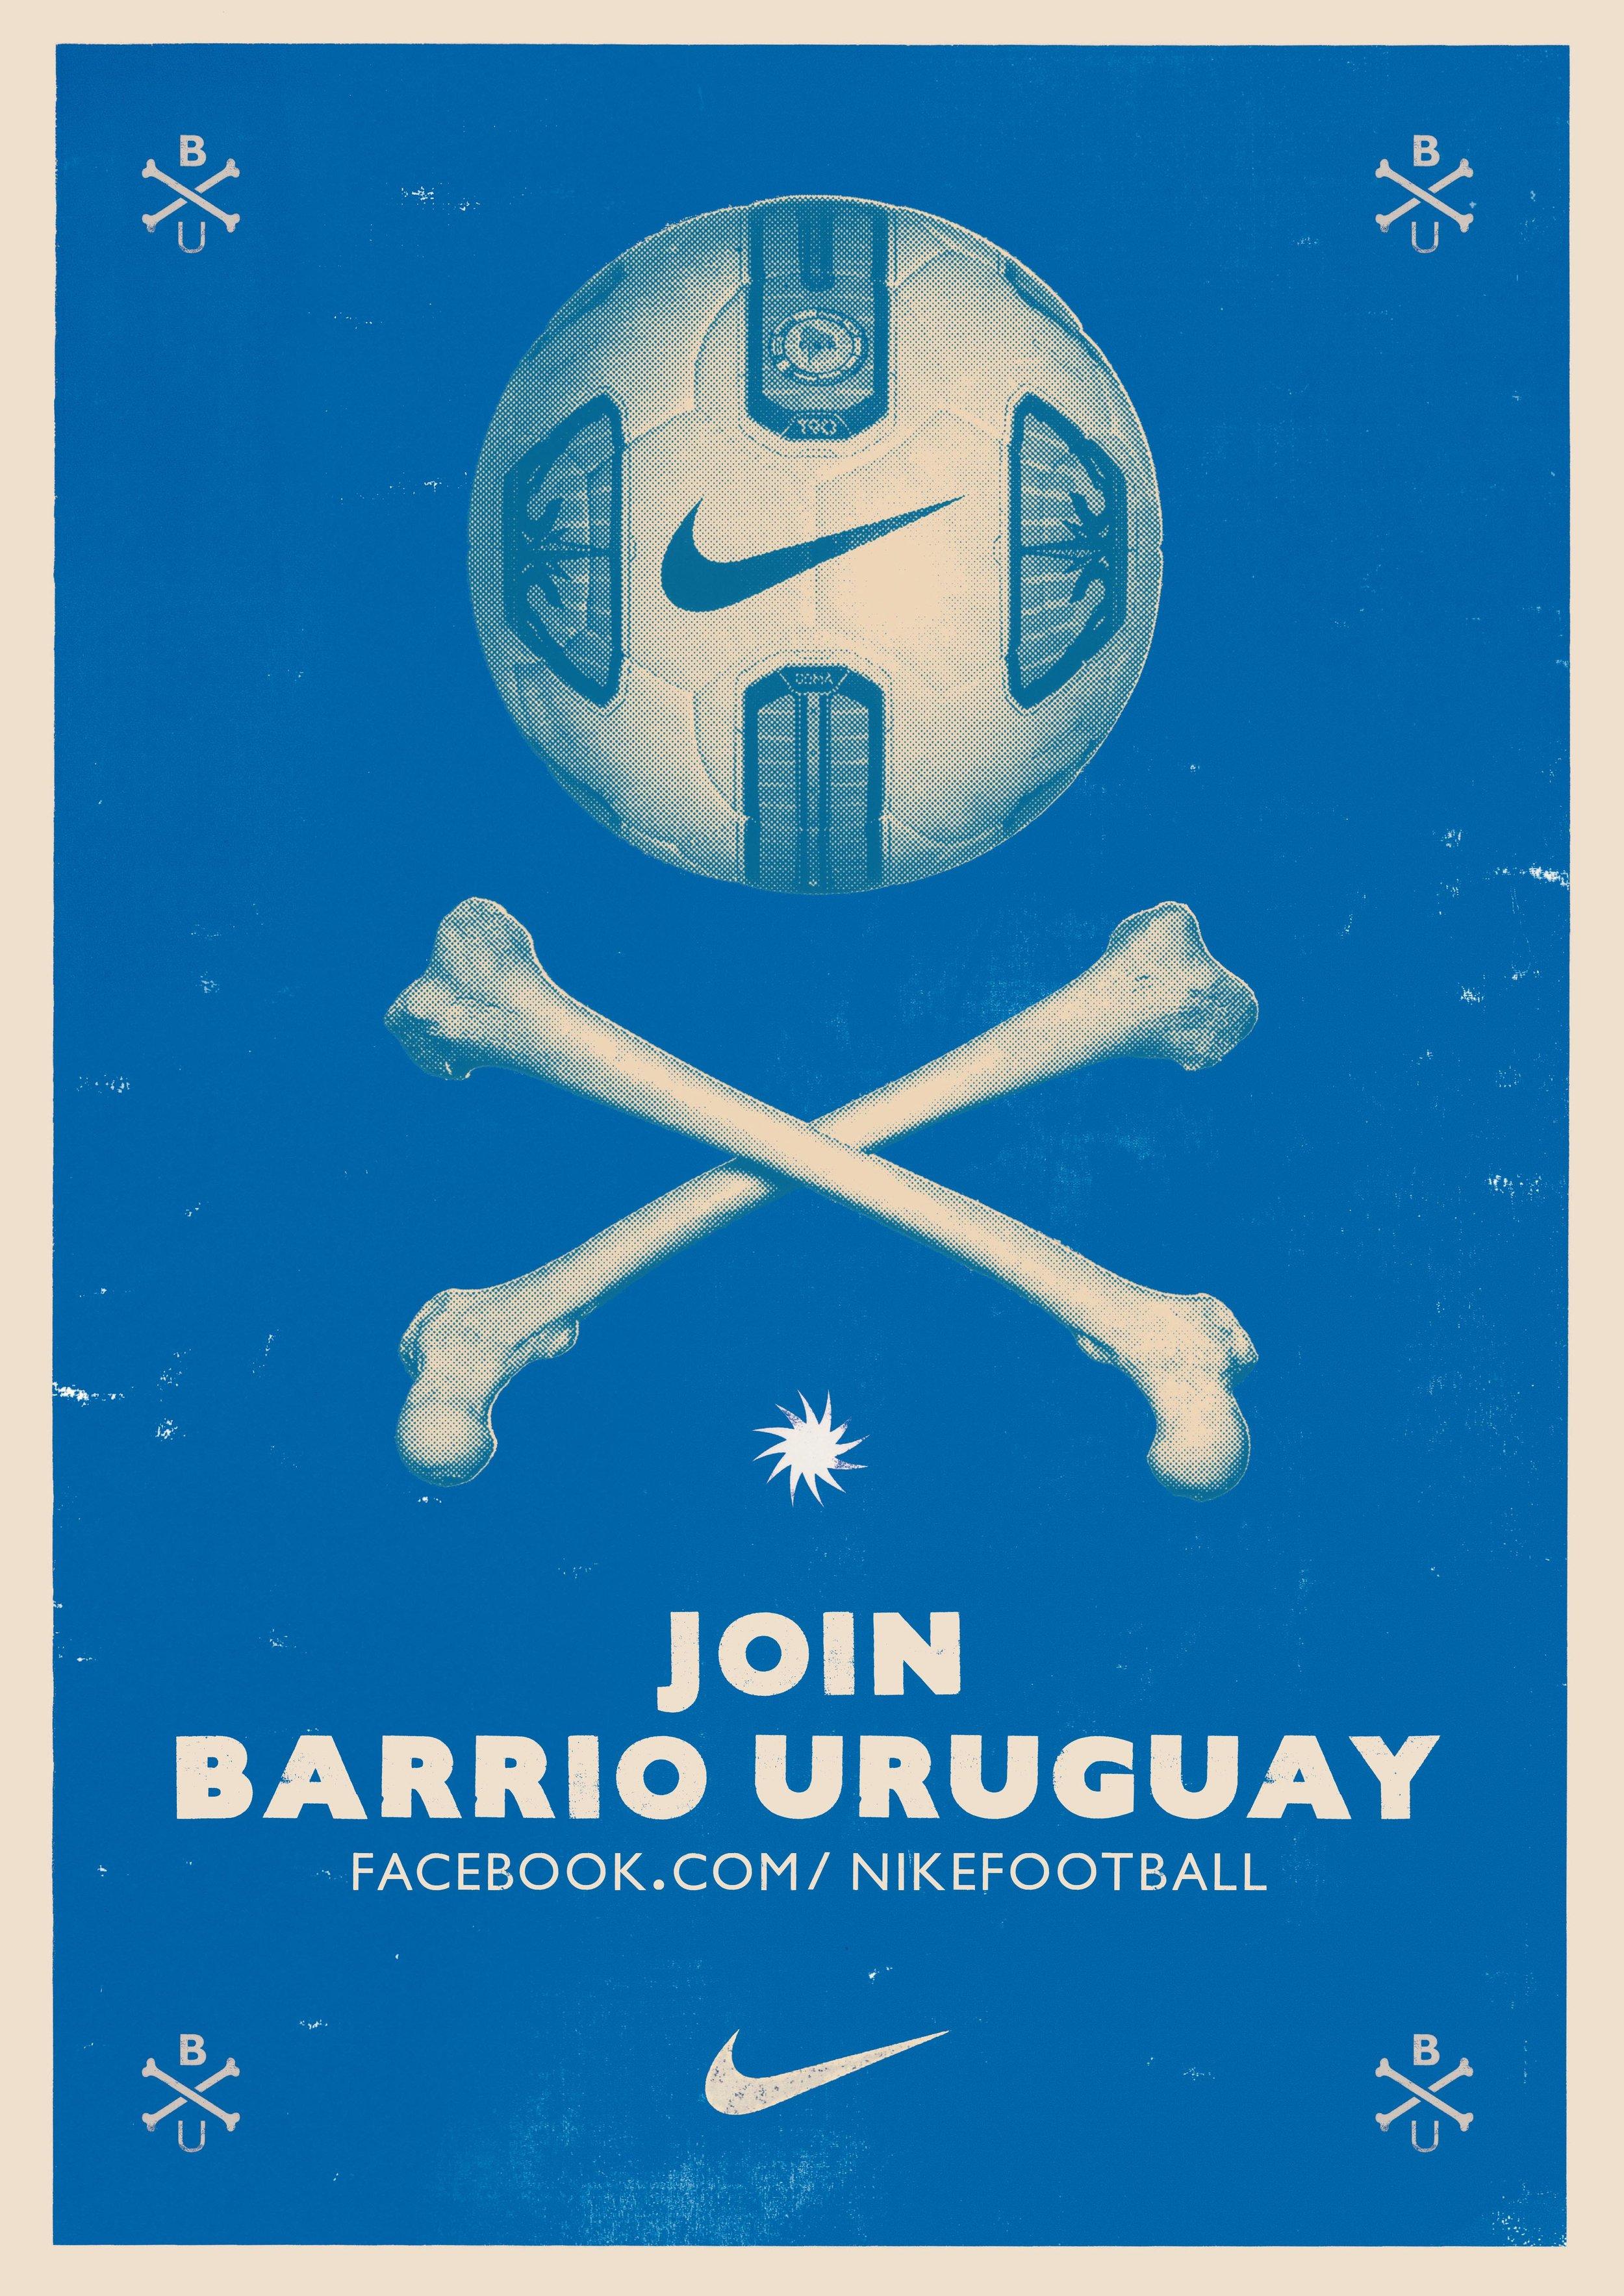 Copa_Join_Barrio_A3_Uruguay.jpg